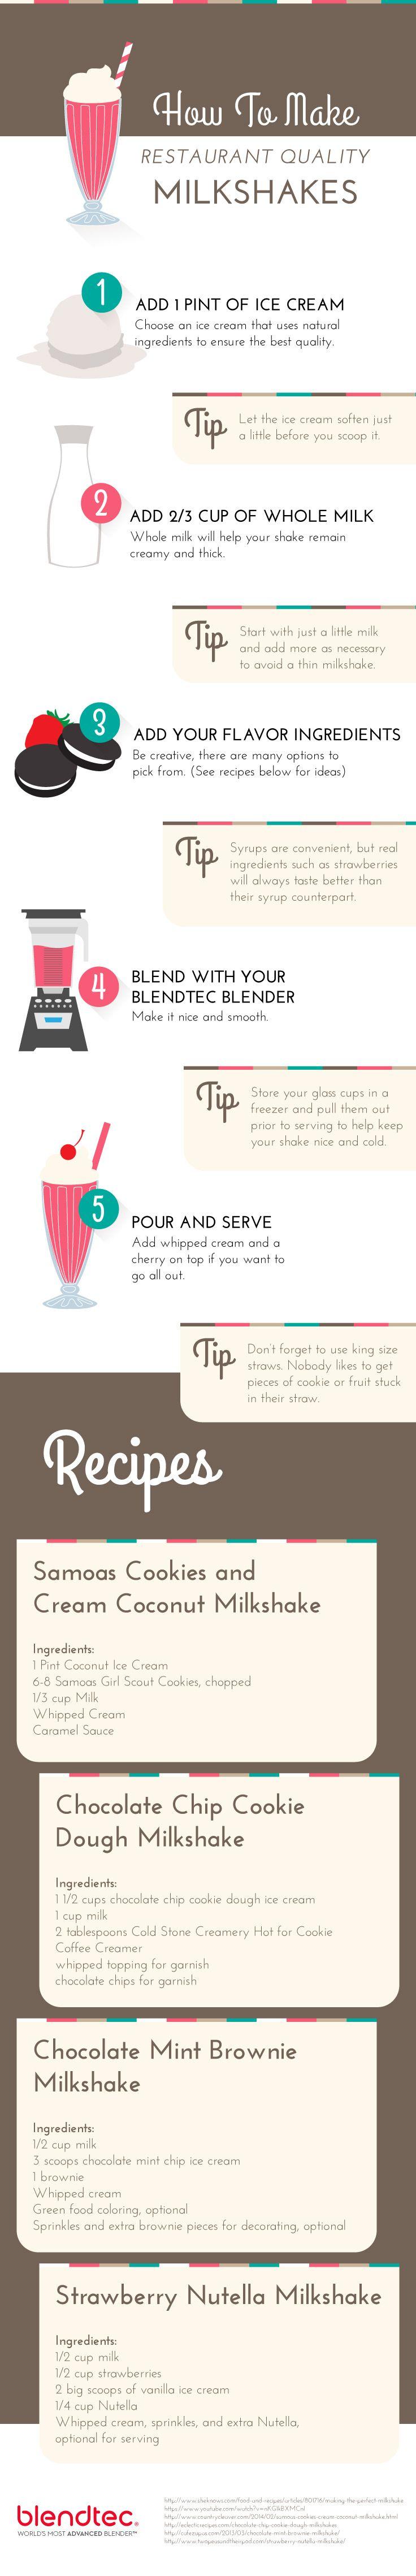 Des recettes de Milkshake pour l'été :$